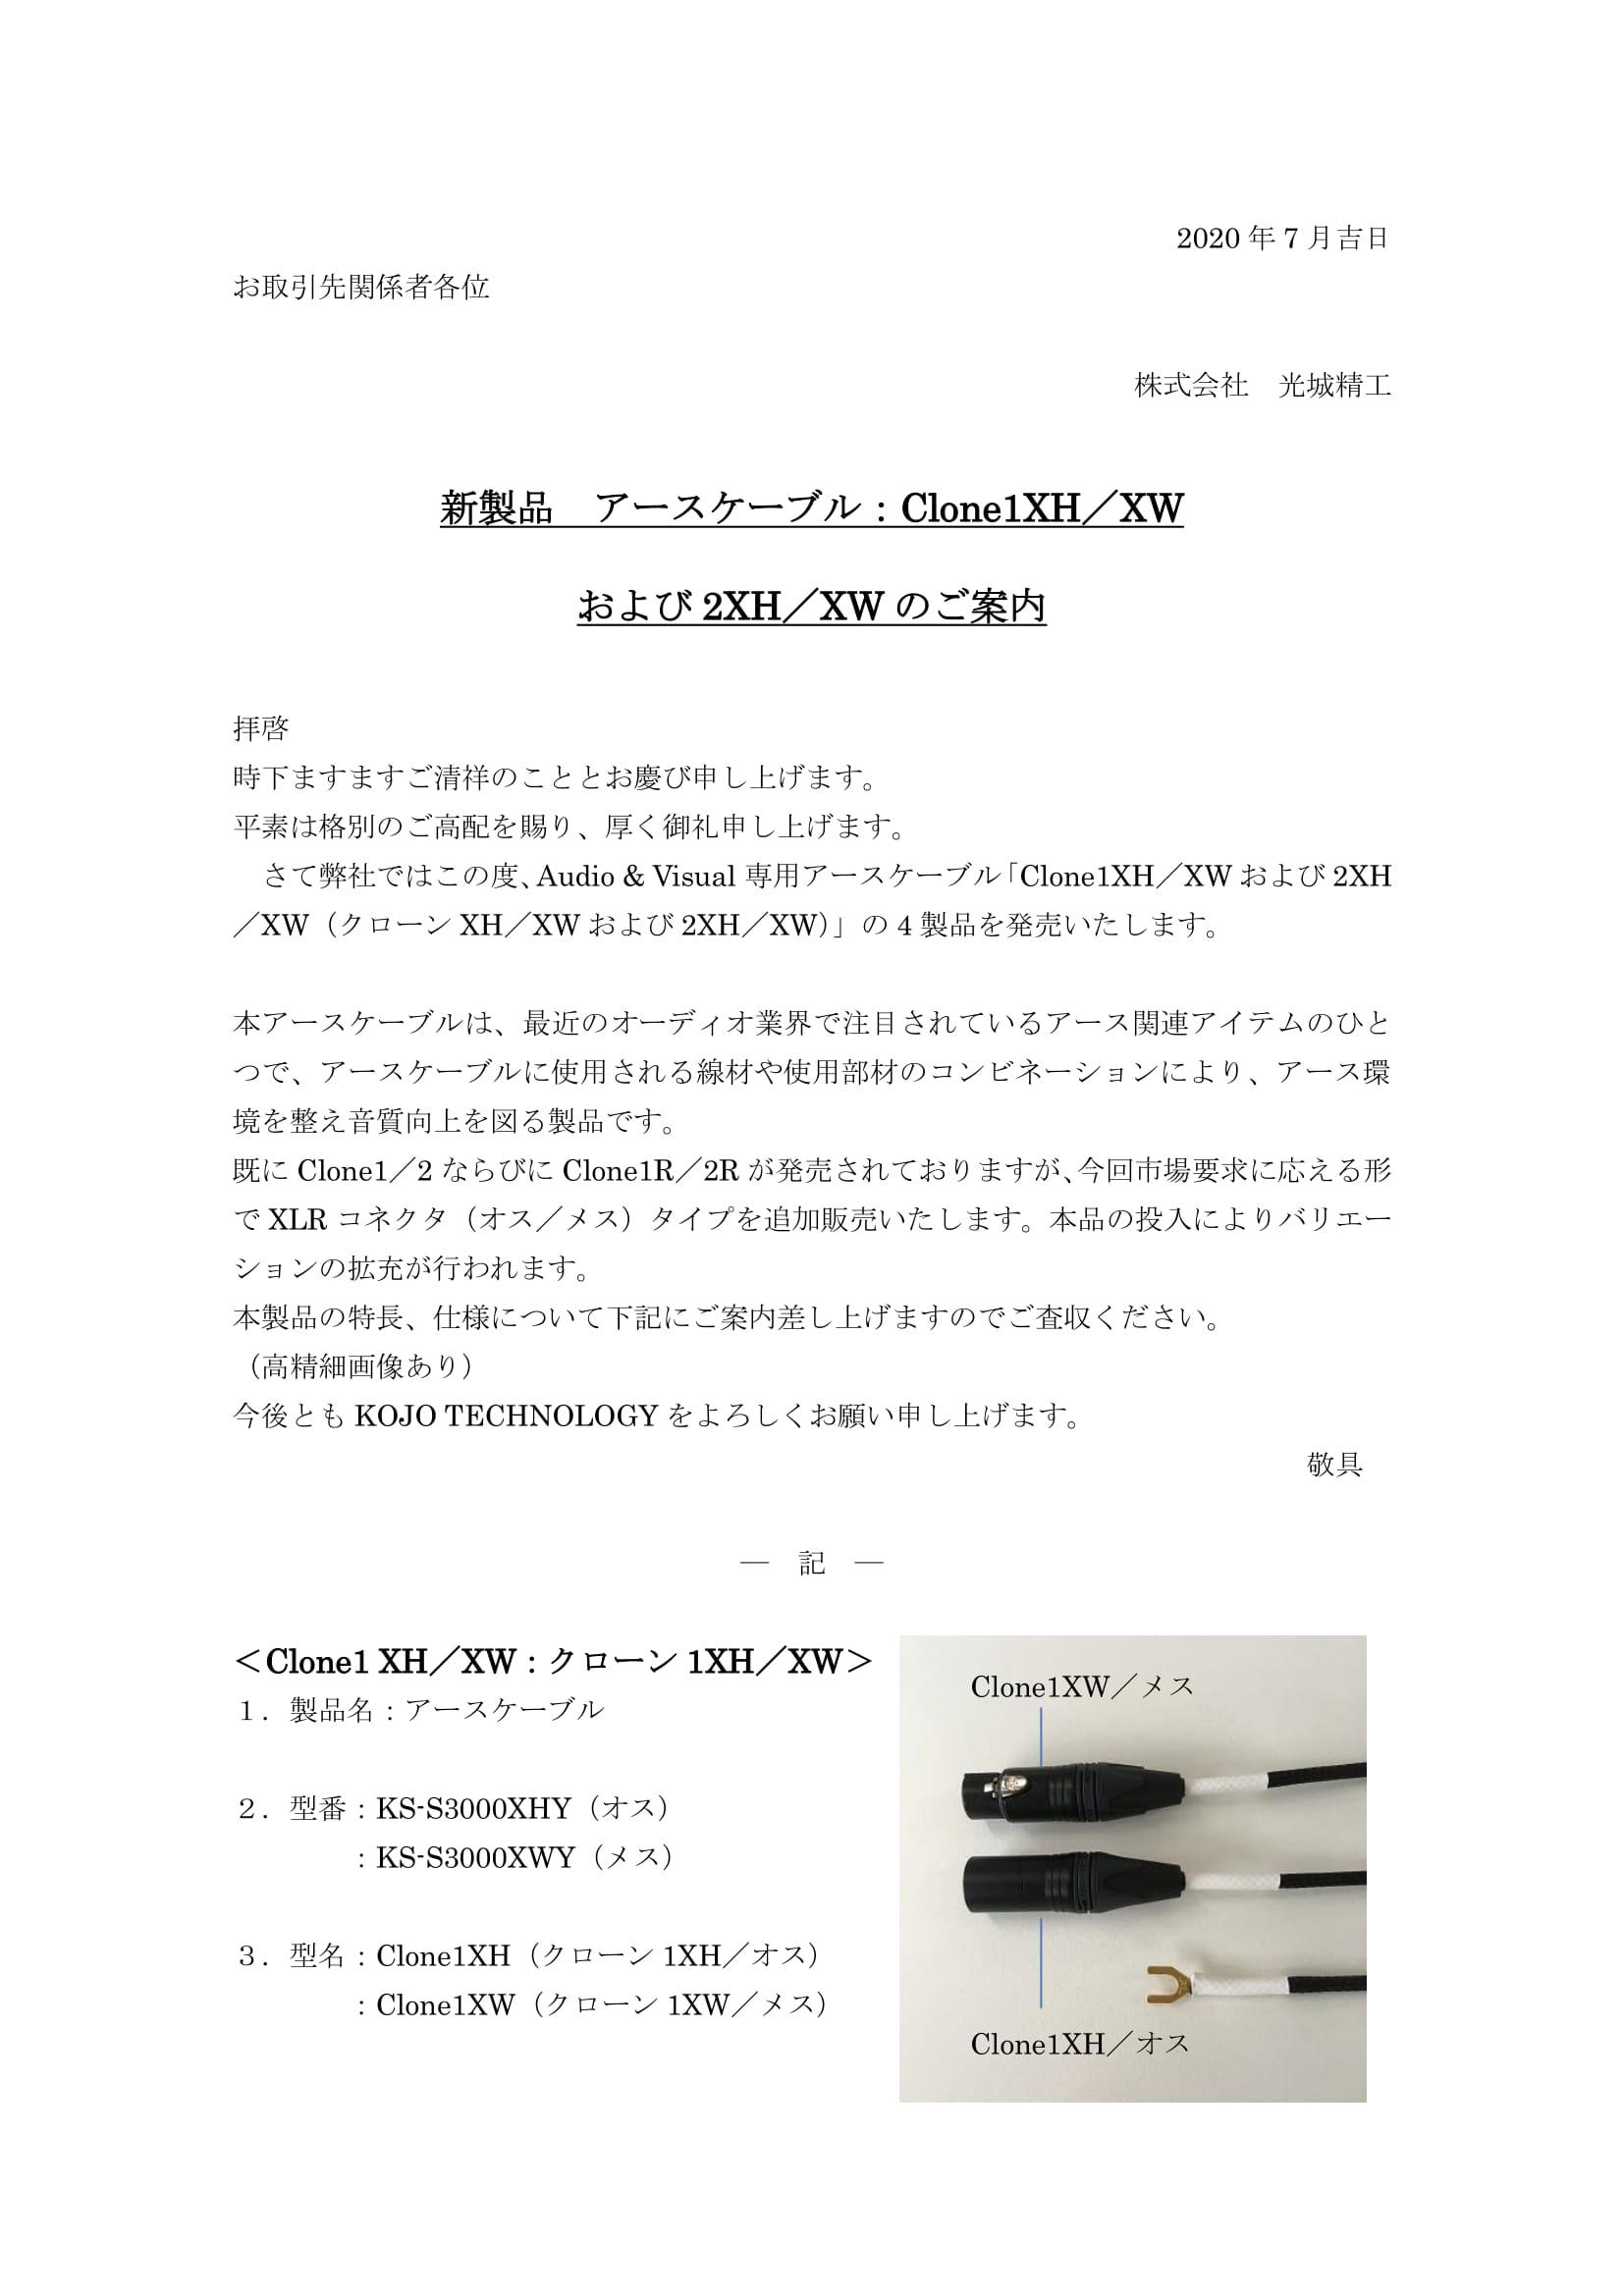 新製品のご案内_Clone1XH_XW/2XH_XW-1